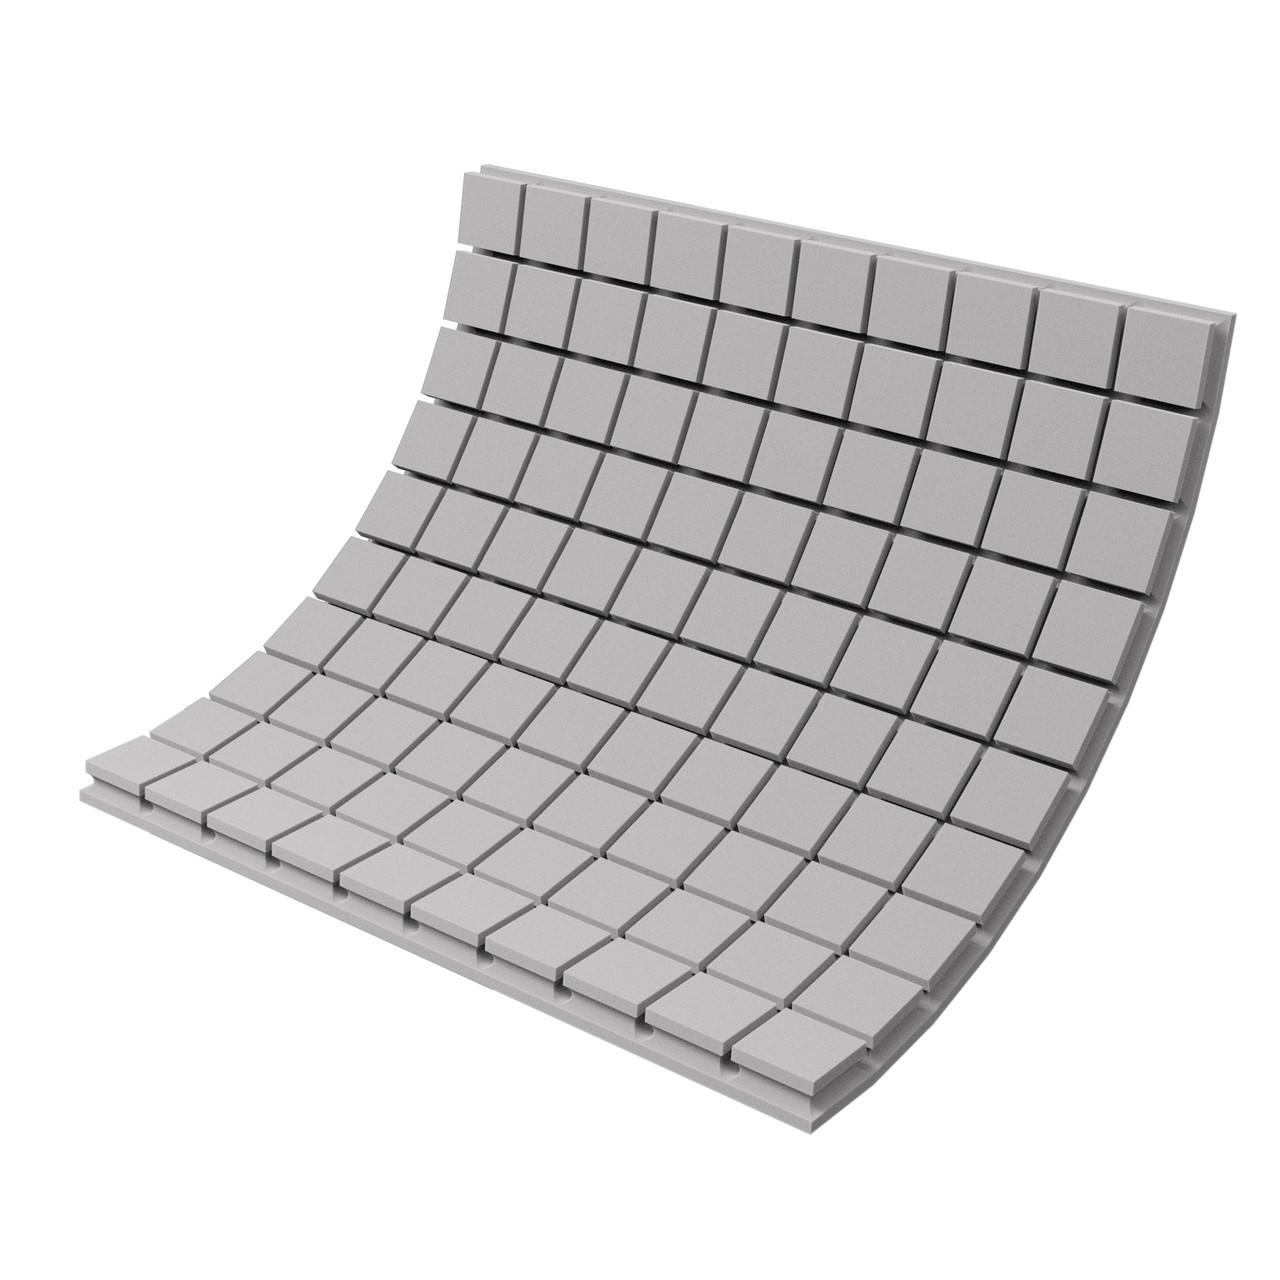 Панель из акустического поролона Ecosound Tetras Gray 100x100 см, 100 мм, серый